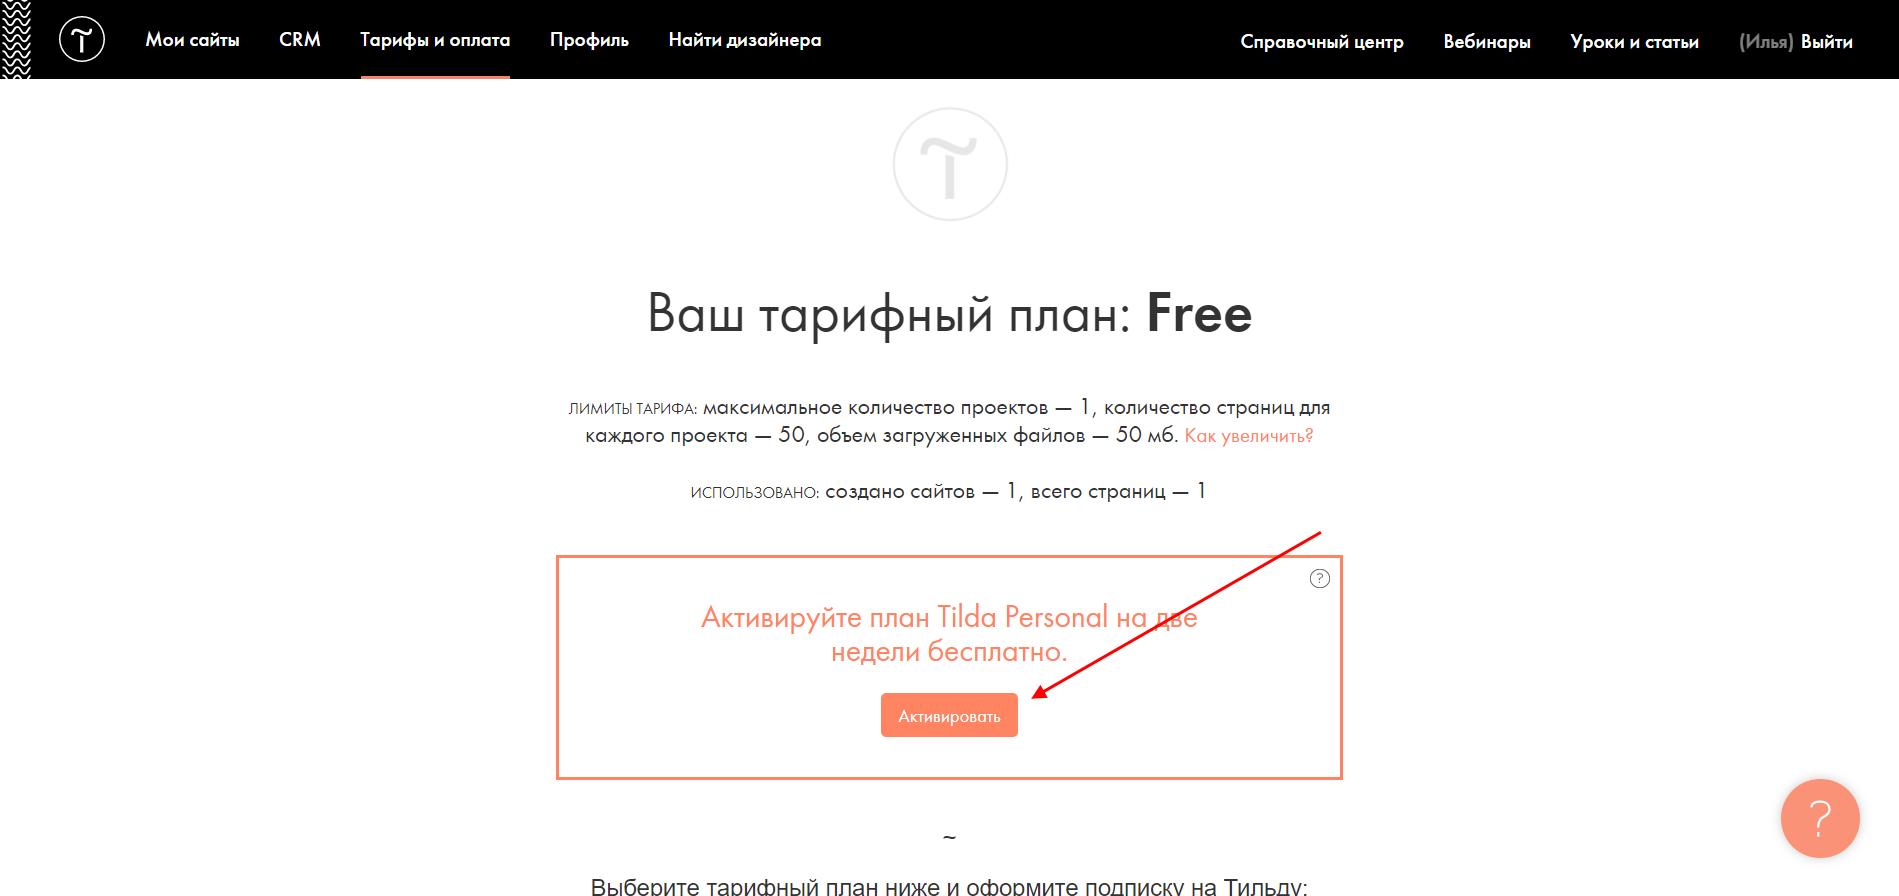 Как получить Tilda Personal бесплатно на две недели